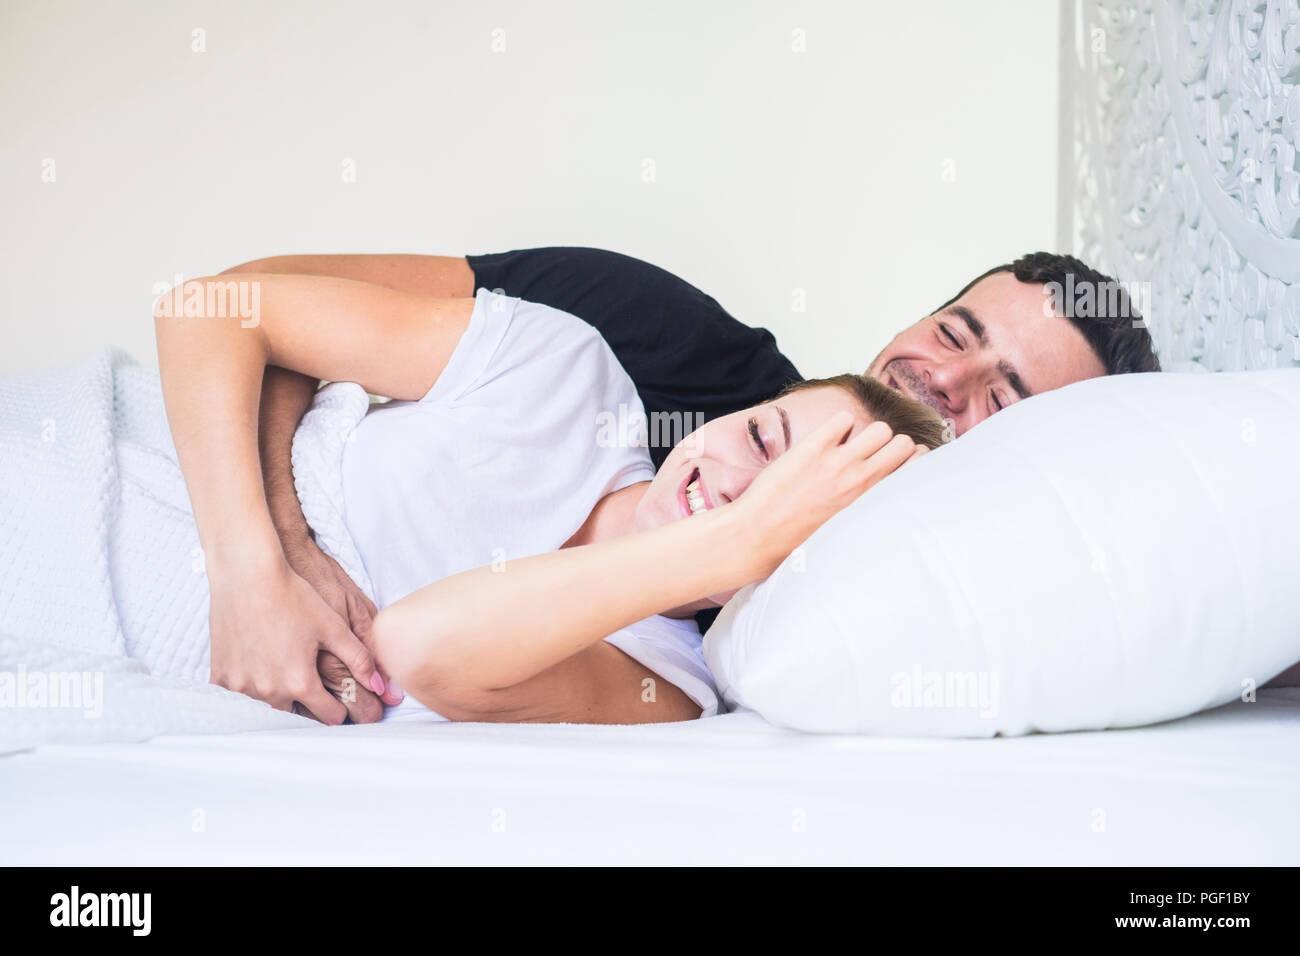 Glückliches junges Paar hinlegen und schlafen oder aufwachen in den frühen Morgen zu Hause. Weiß Schlafzimmer zu Hause und die Menschen umarmen mit Liebe und relationshi Stockbild